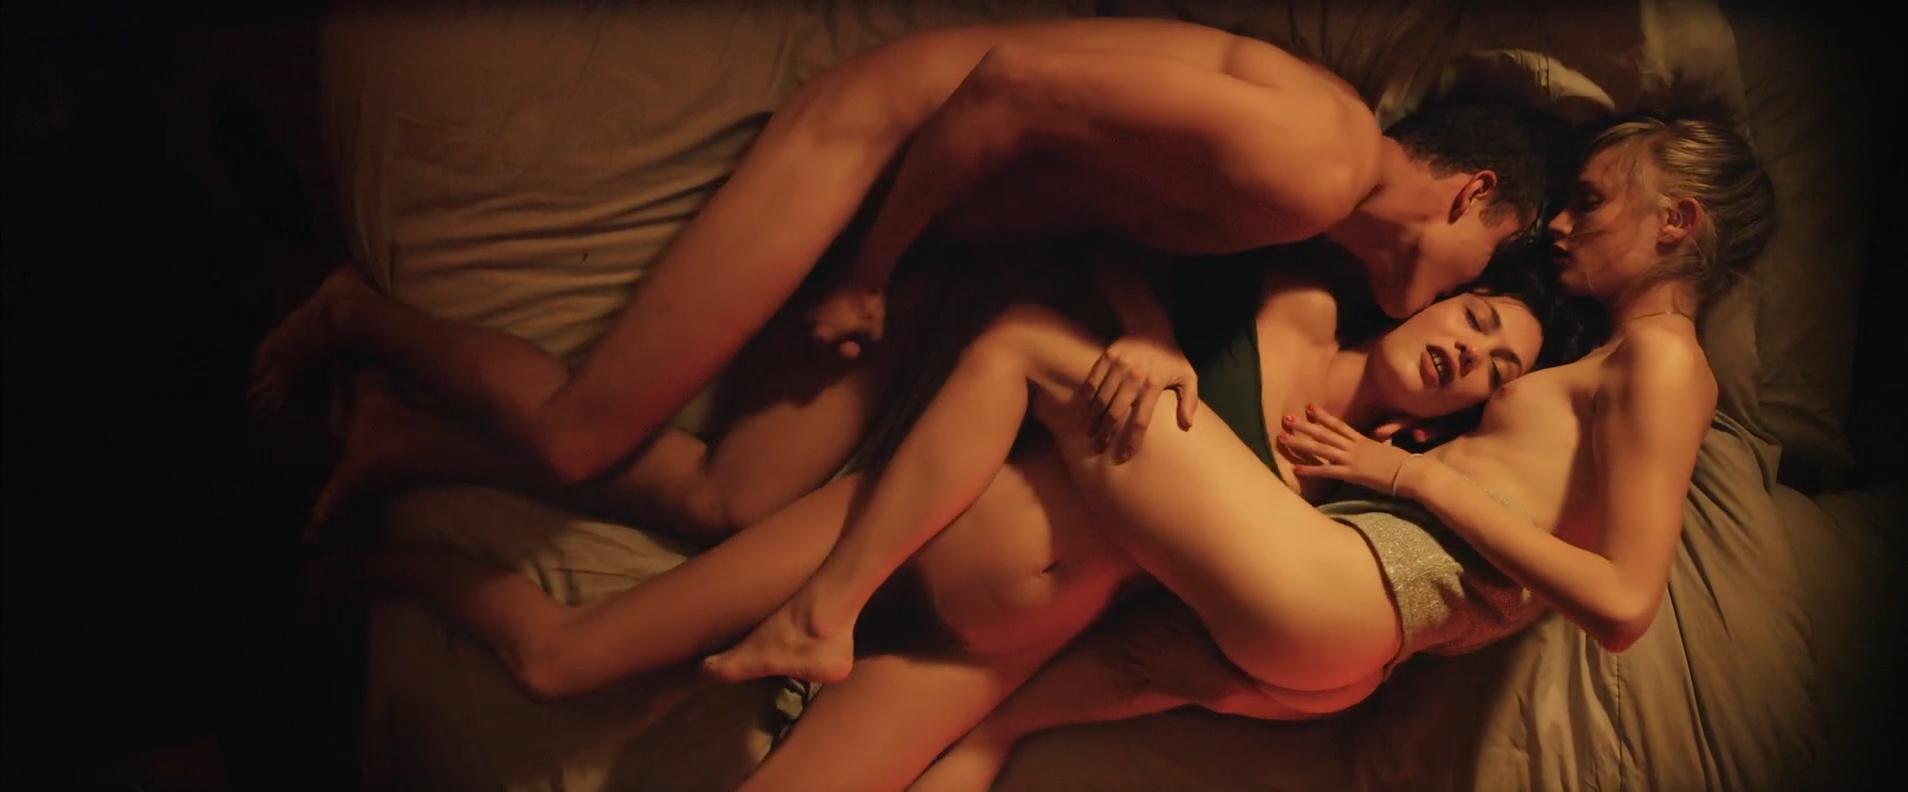 Очень Красивые Порно Сцены